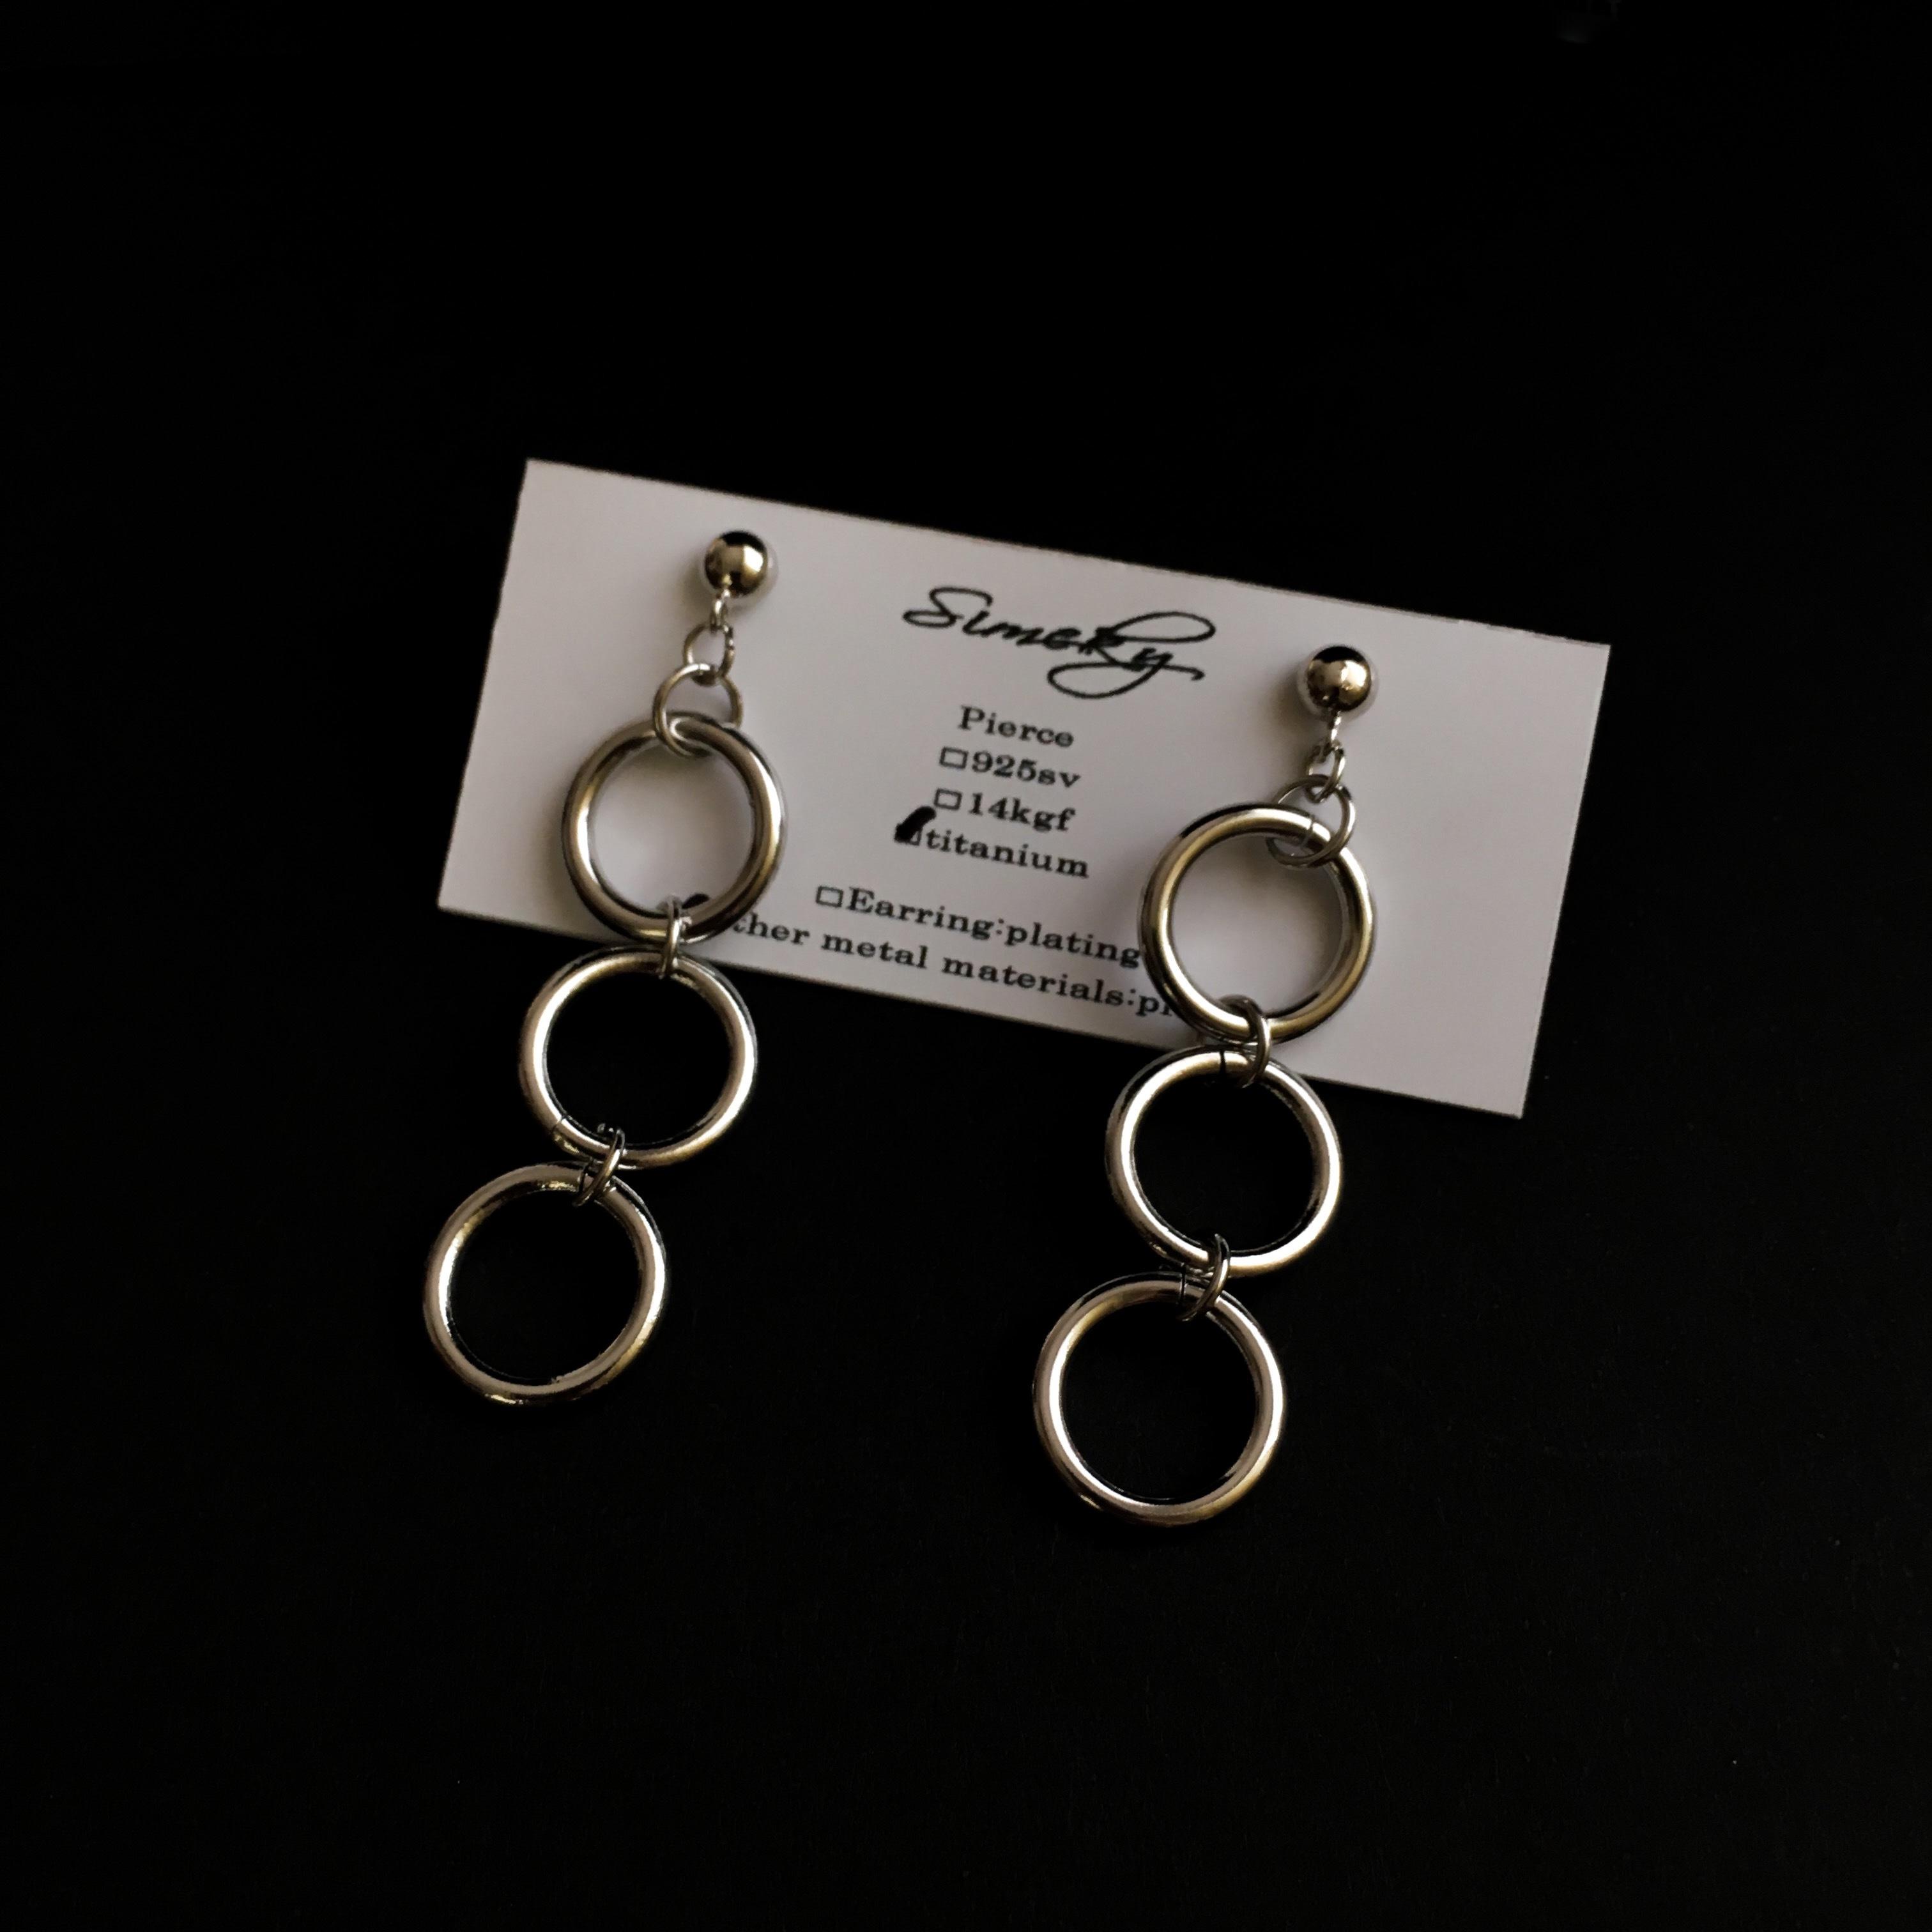 E-47 pierce/earring